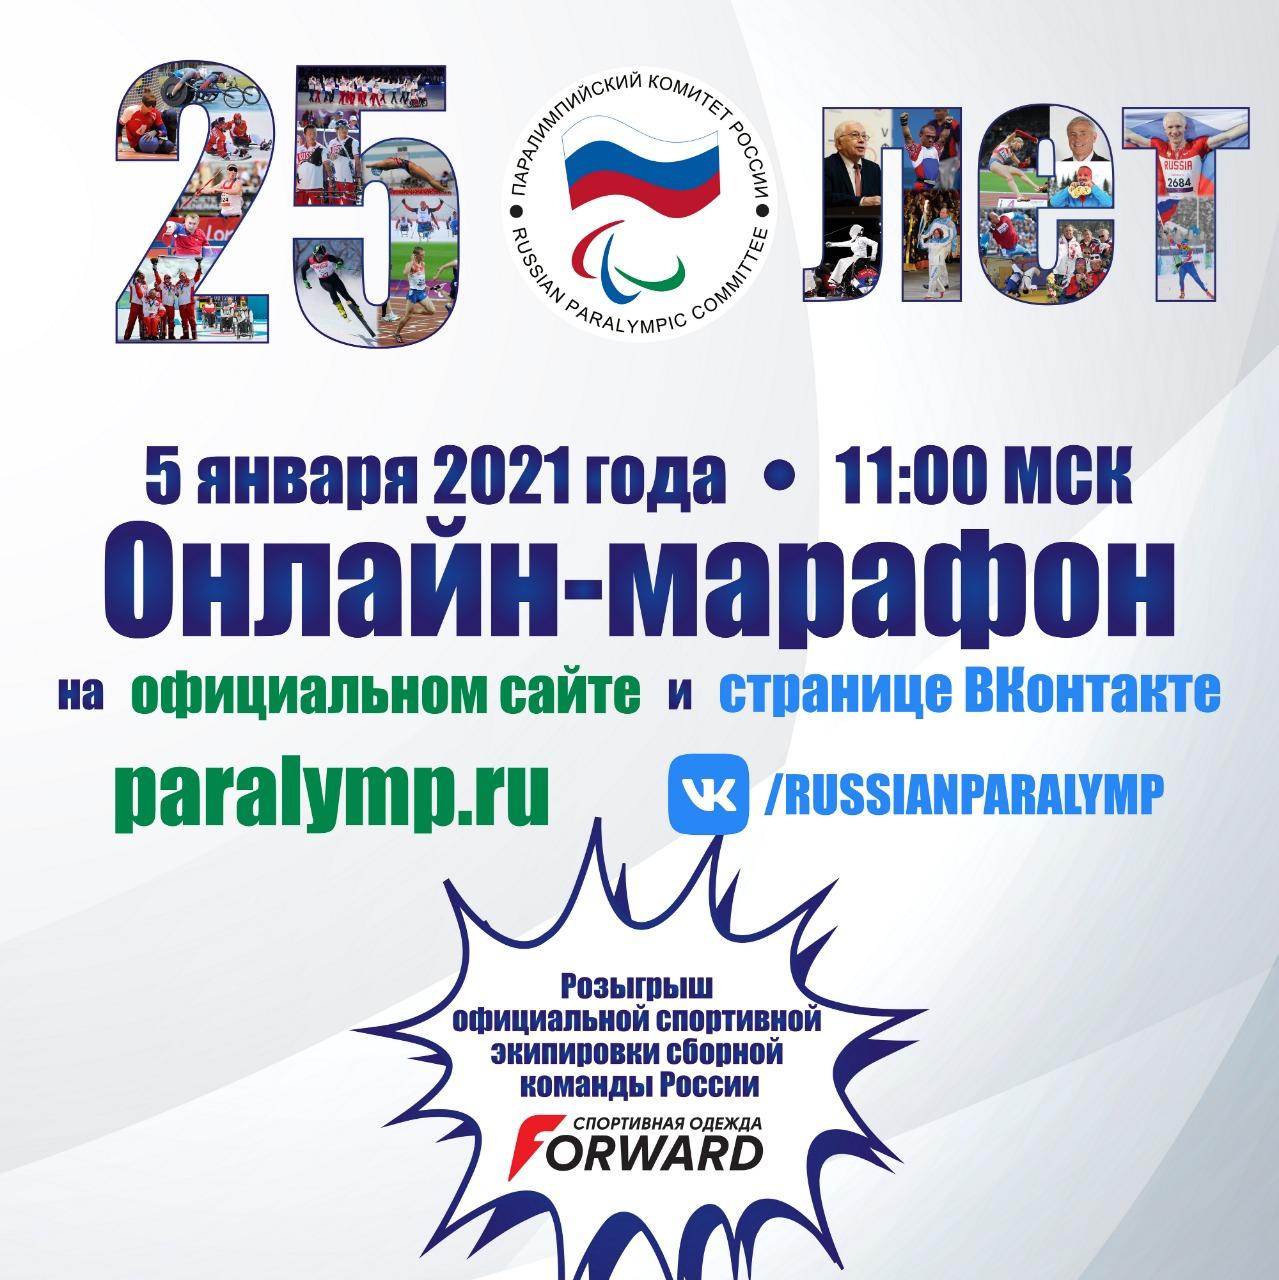 ПКР провел онлайн-марафон, посвященный 25-летнему Юбилею и разыграл 3 спортивных костюма от компании «Forward»